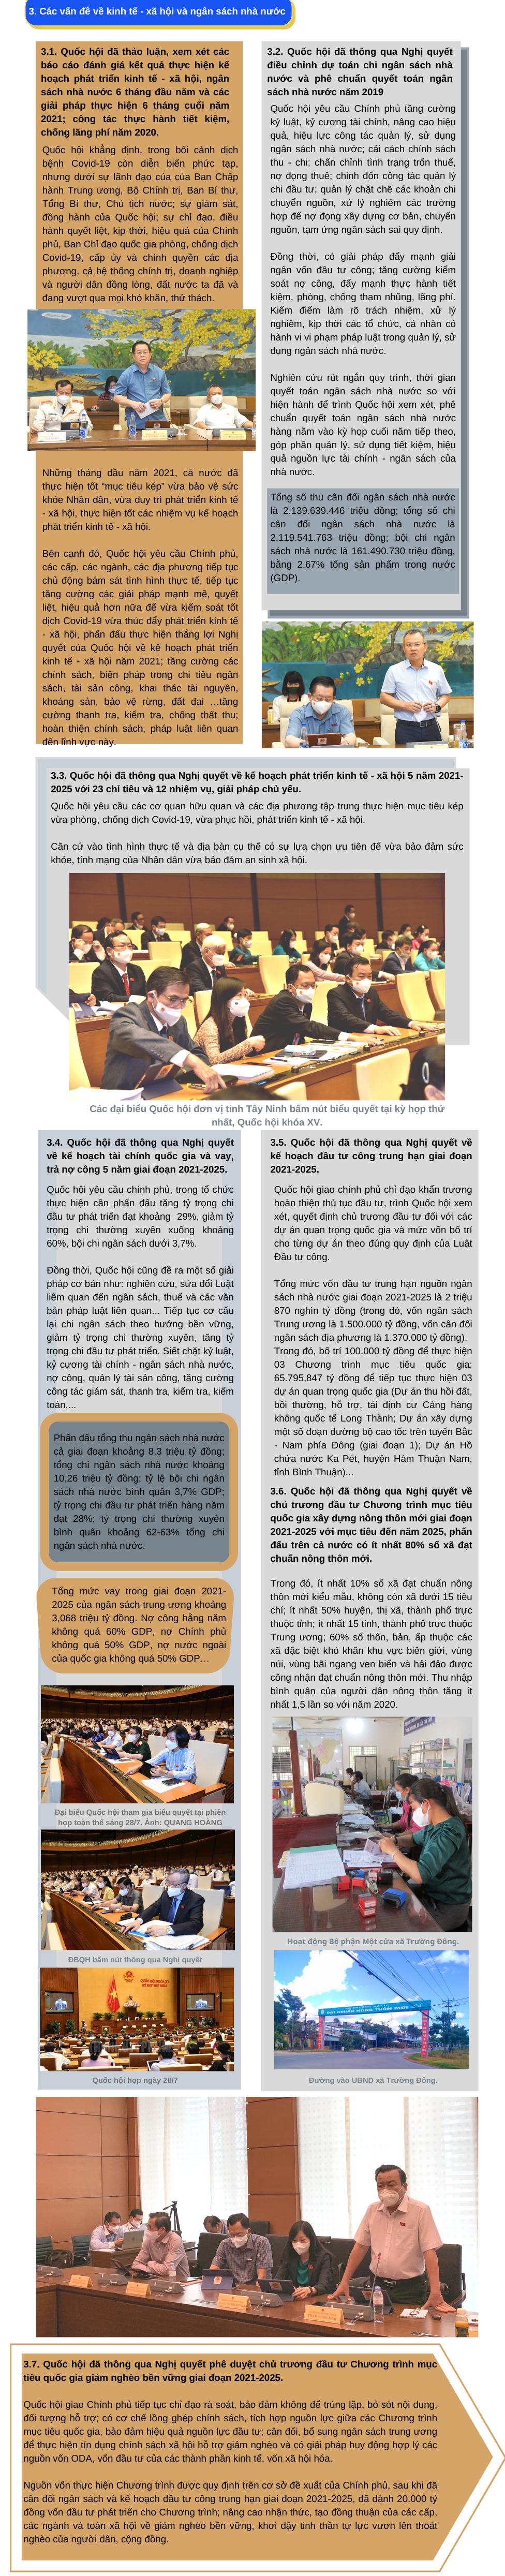 Đoàn đại biểu Quốc hội đơn vị tỉnh Tây Ninh báo cáo kết quả Kỳ họp thứ nhất Quốc hội khóa XV đến cử tri tỉnh nhà